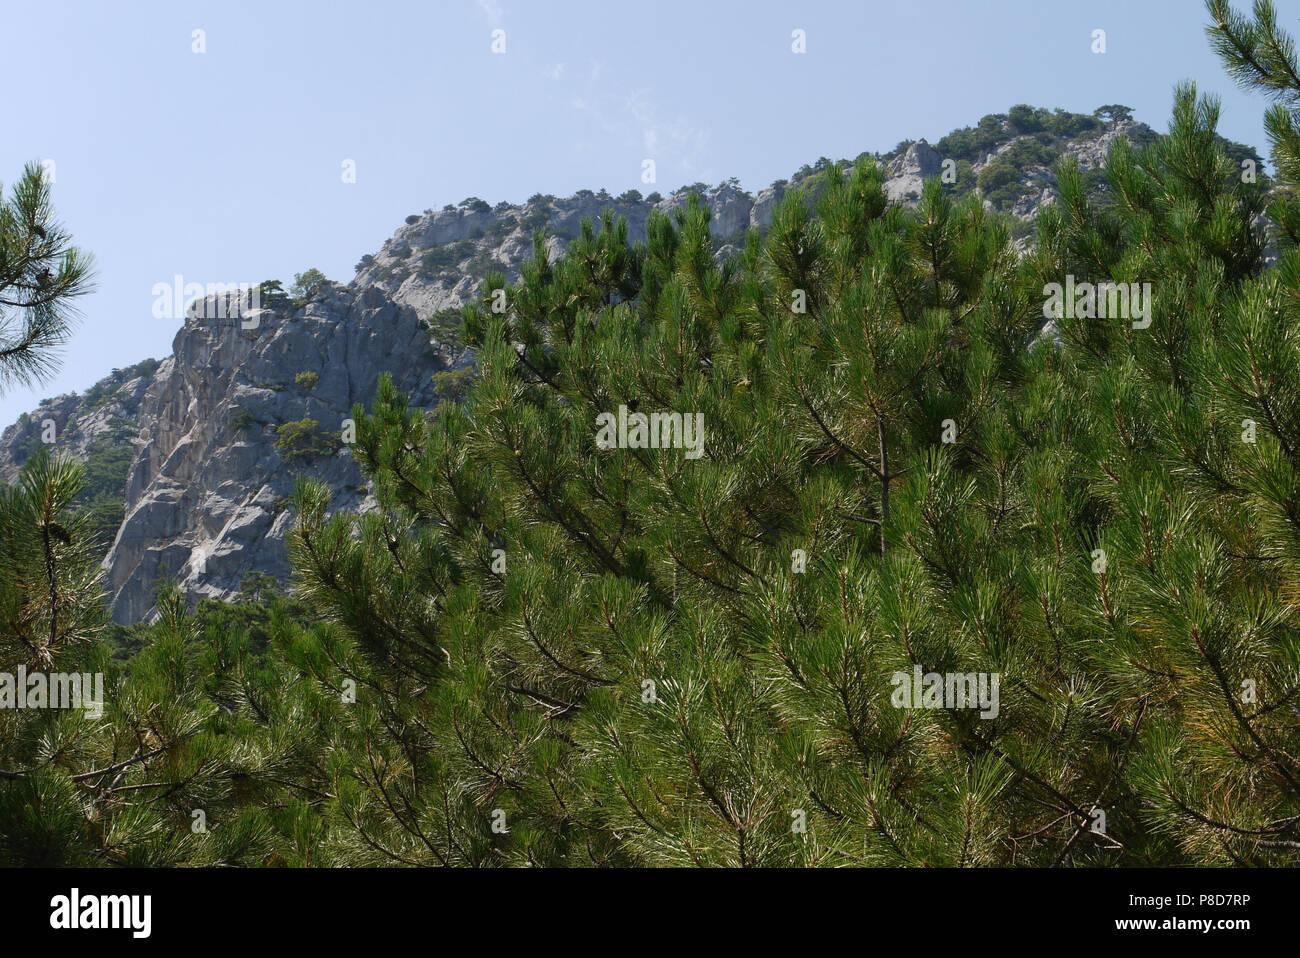 Grandes árboles Frondosos Bajo El Cielo Azul Sobre El Telón De Fondo